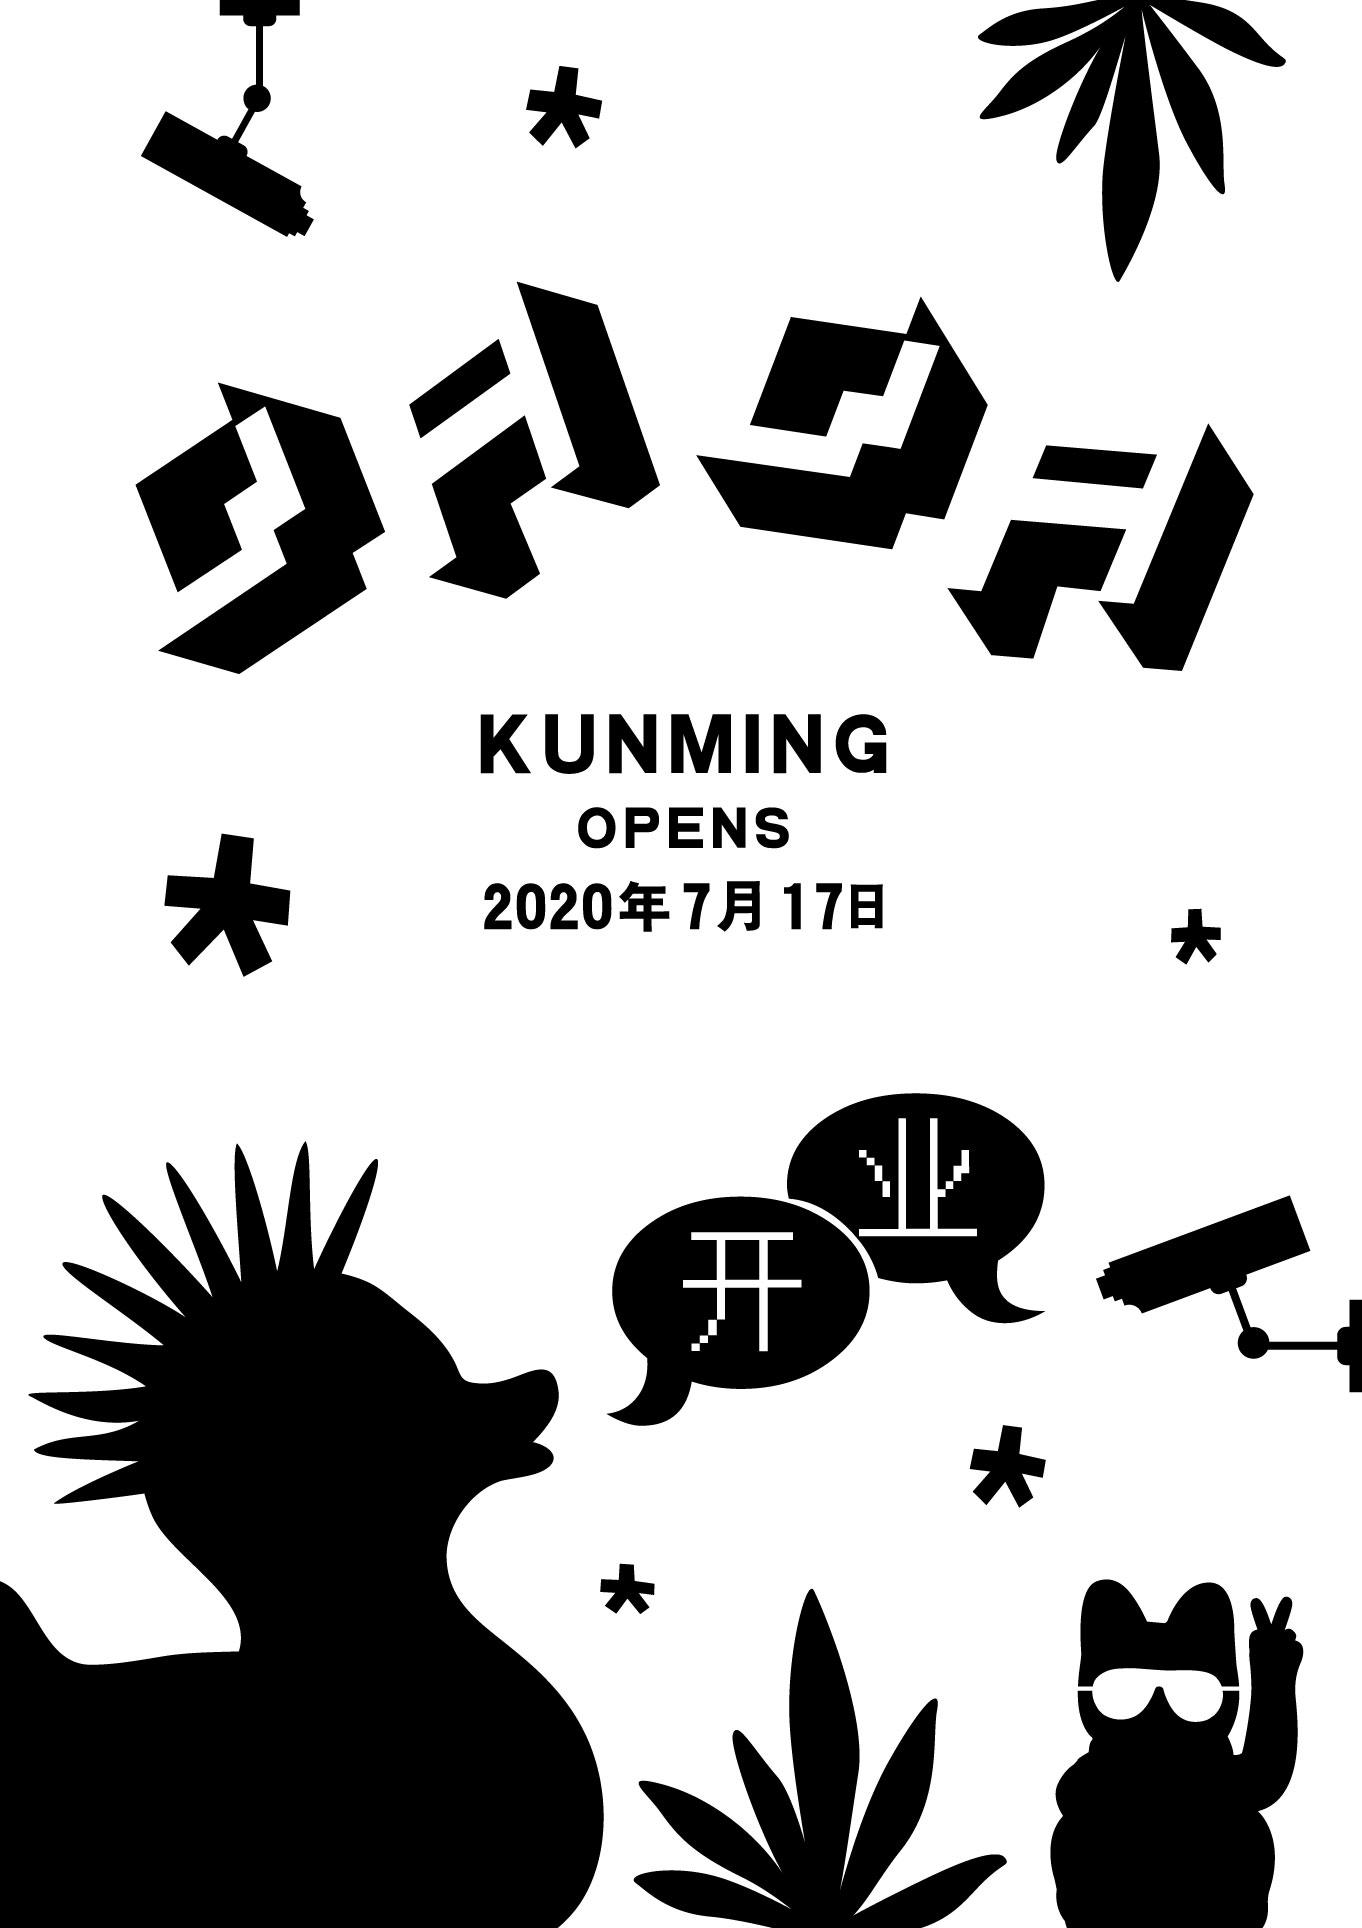 wbd-2020-kunming-1